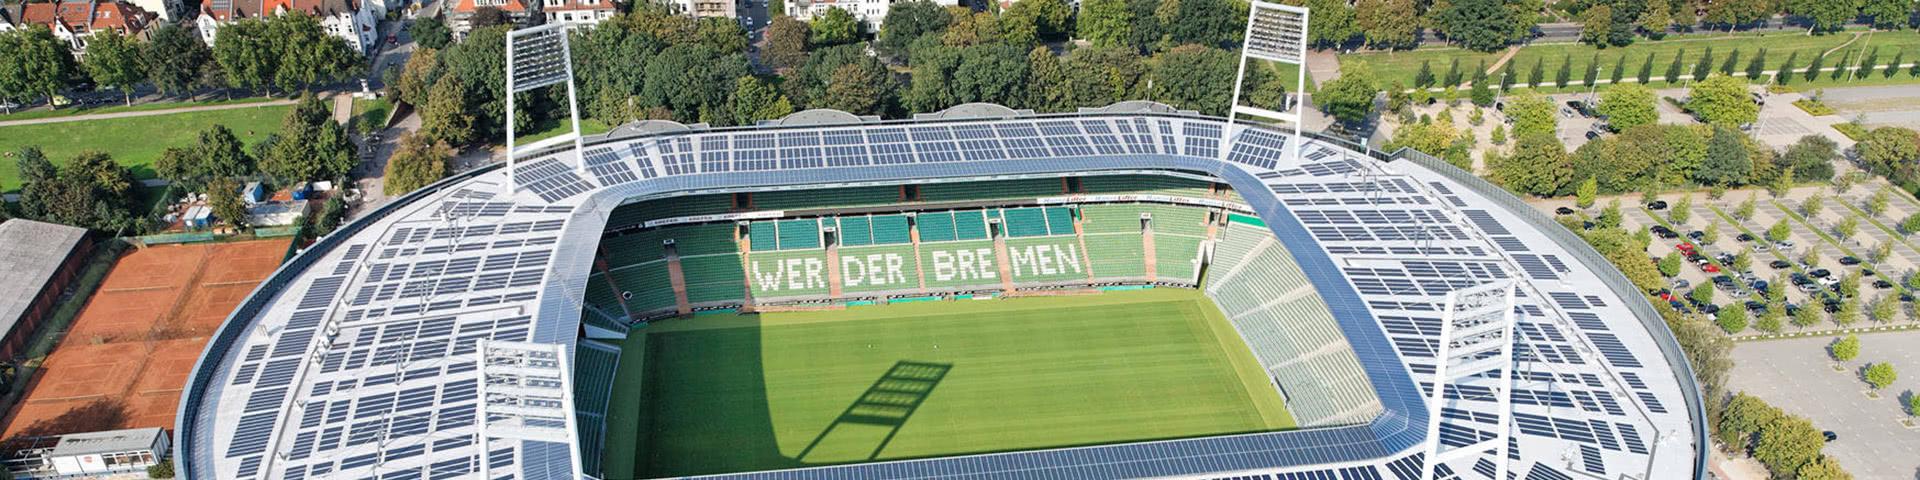 Luftbild des Weserstadions in Bremen